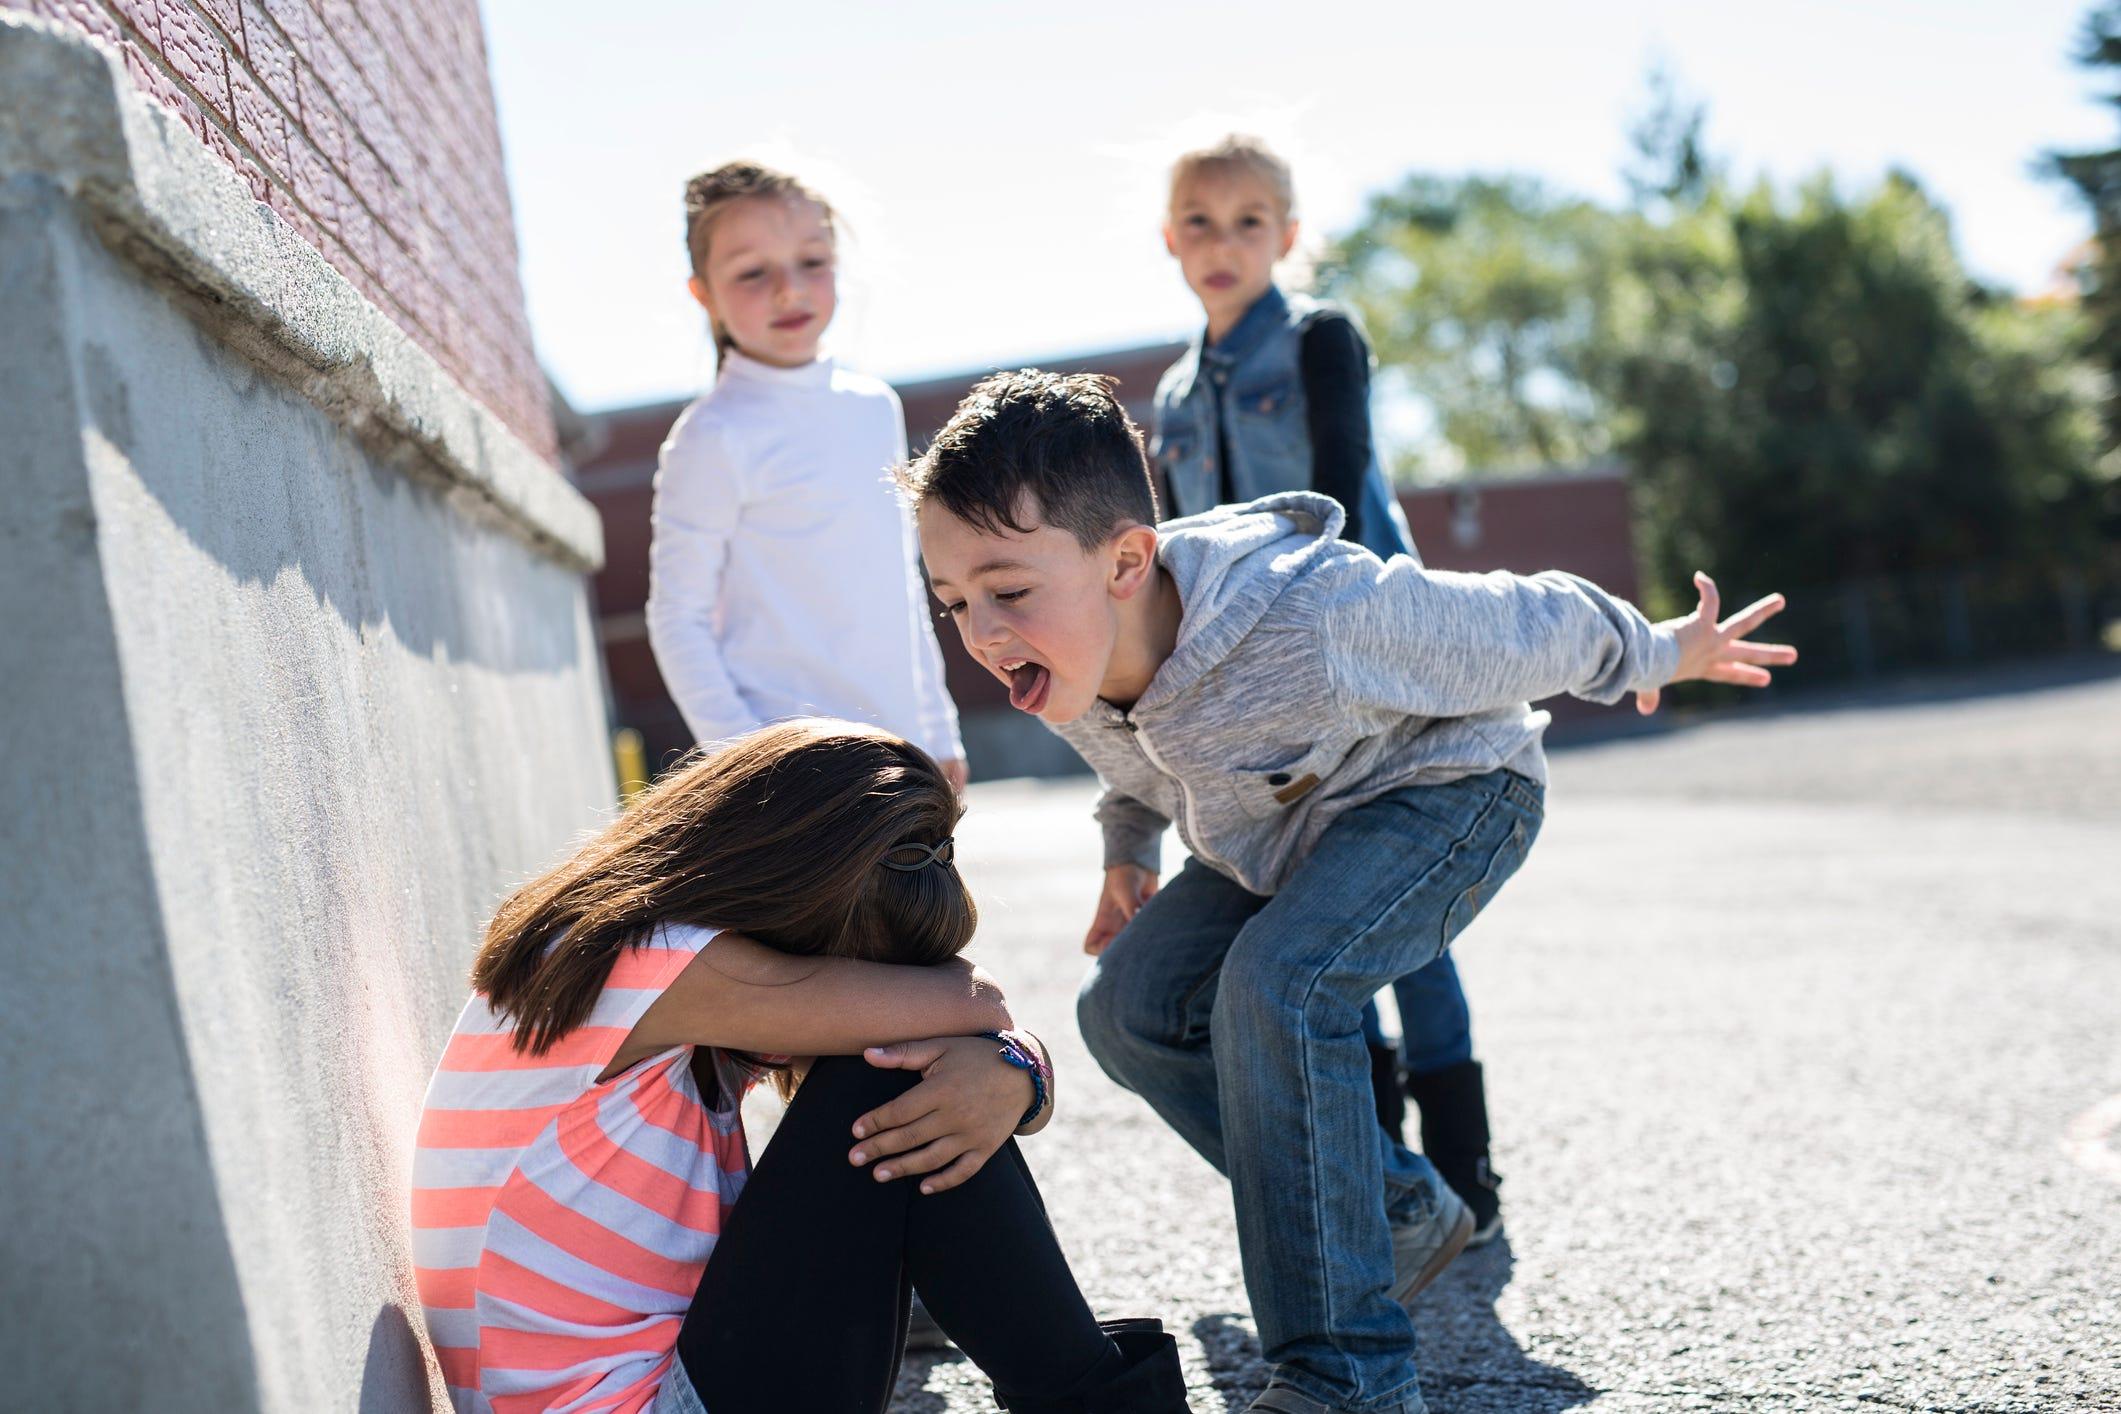 Children Bullying A Little Girl